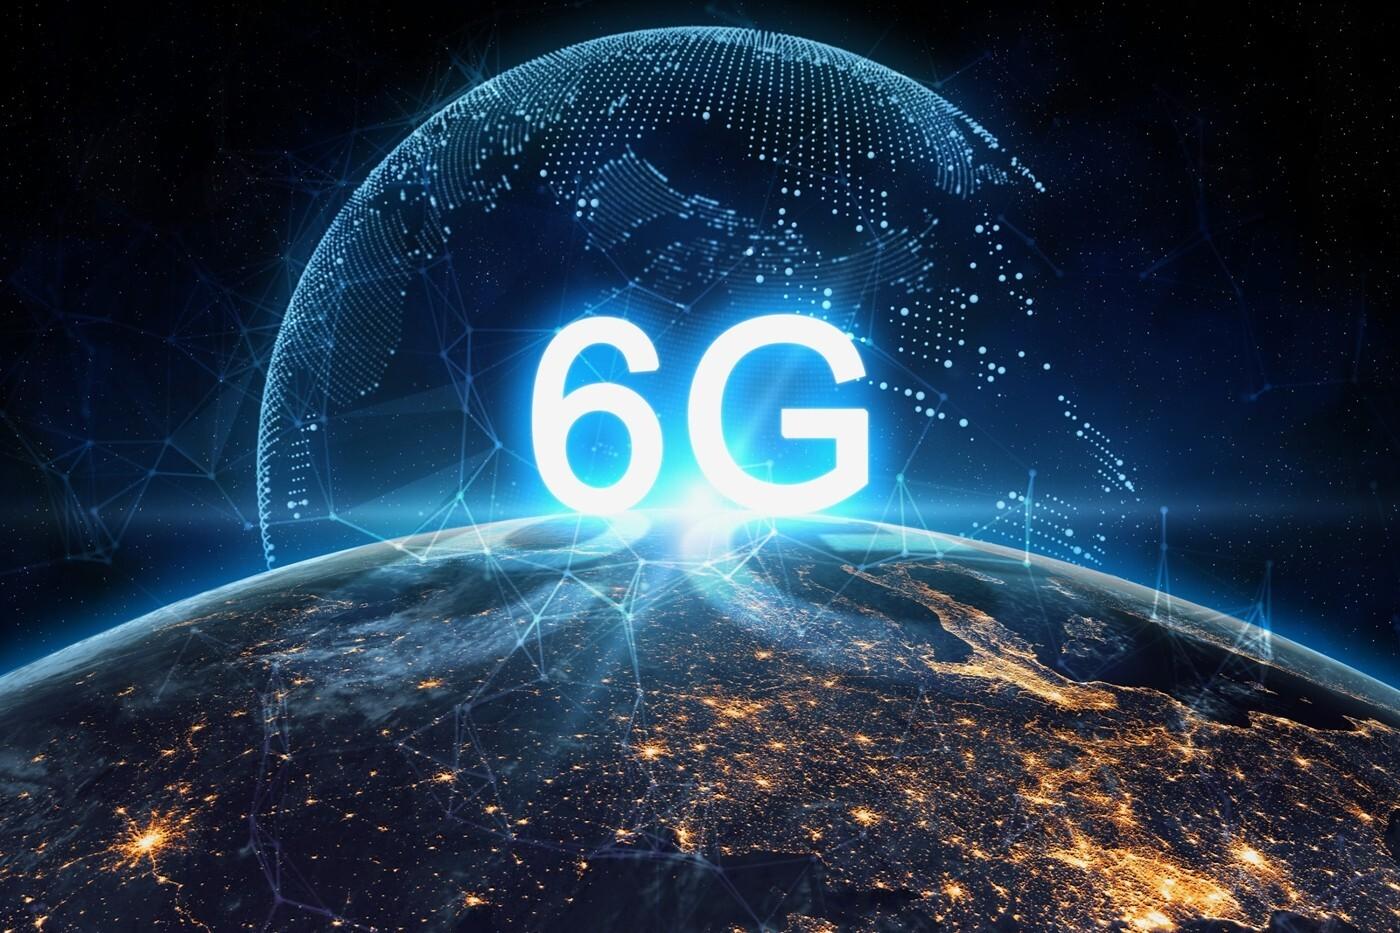 Названы сроки появления в России сети 6G